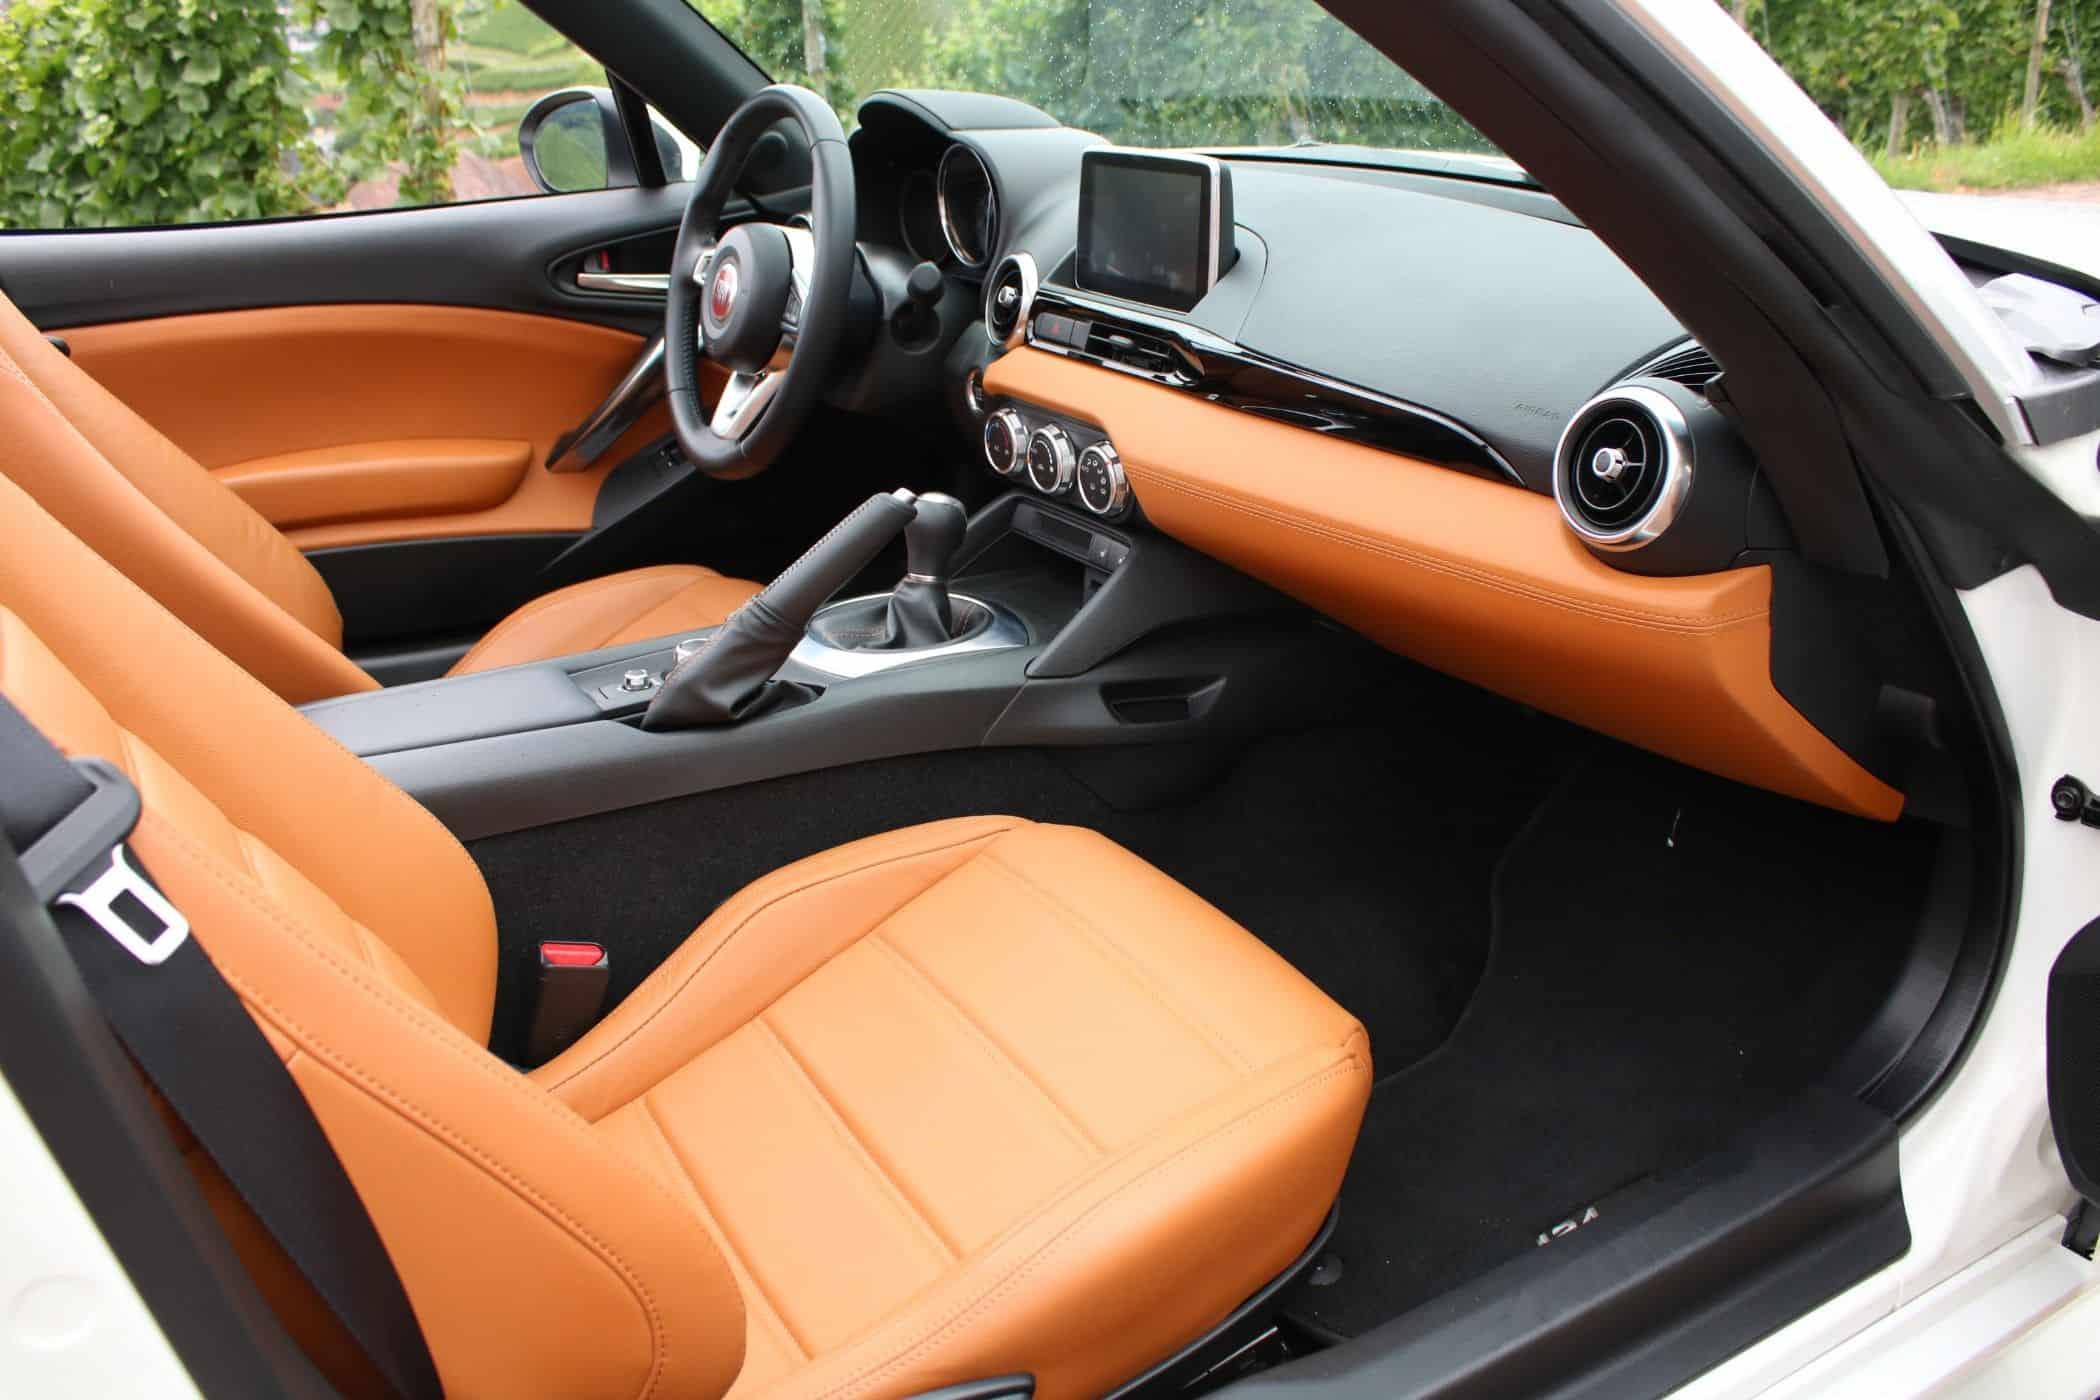 Abarth 124 Spider Oder Fiat 124 Spider Welcher Ist Die Besser Wahl